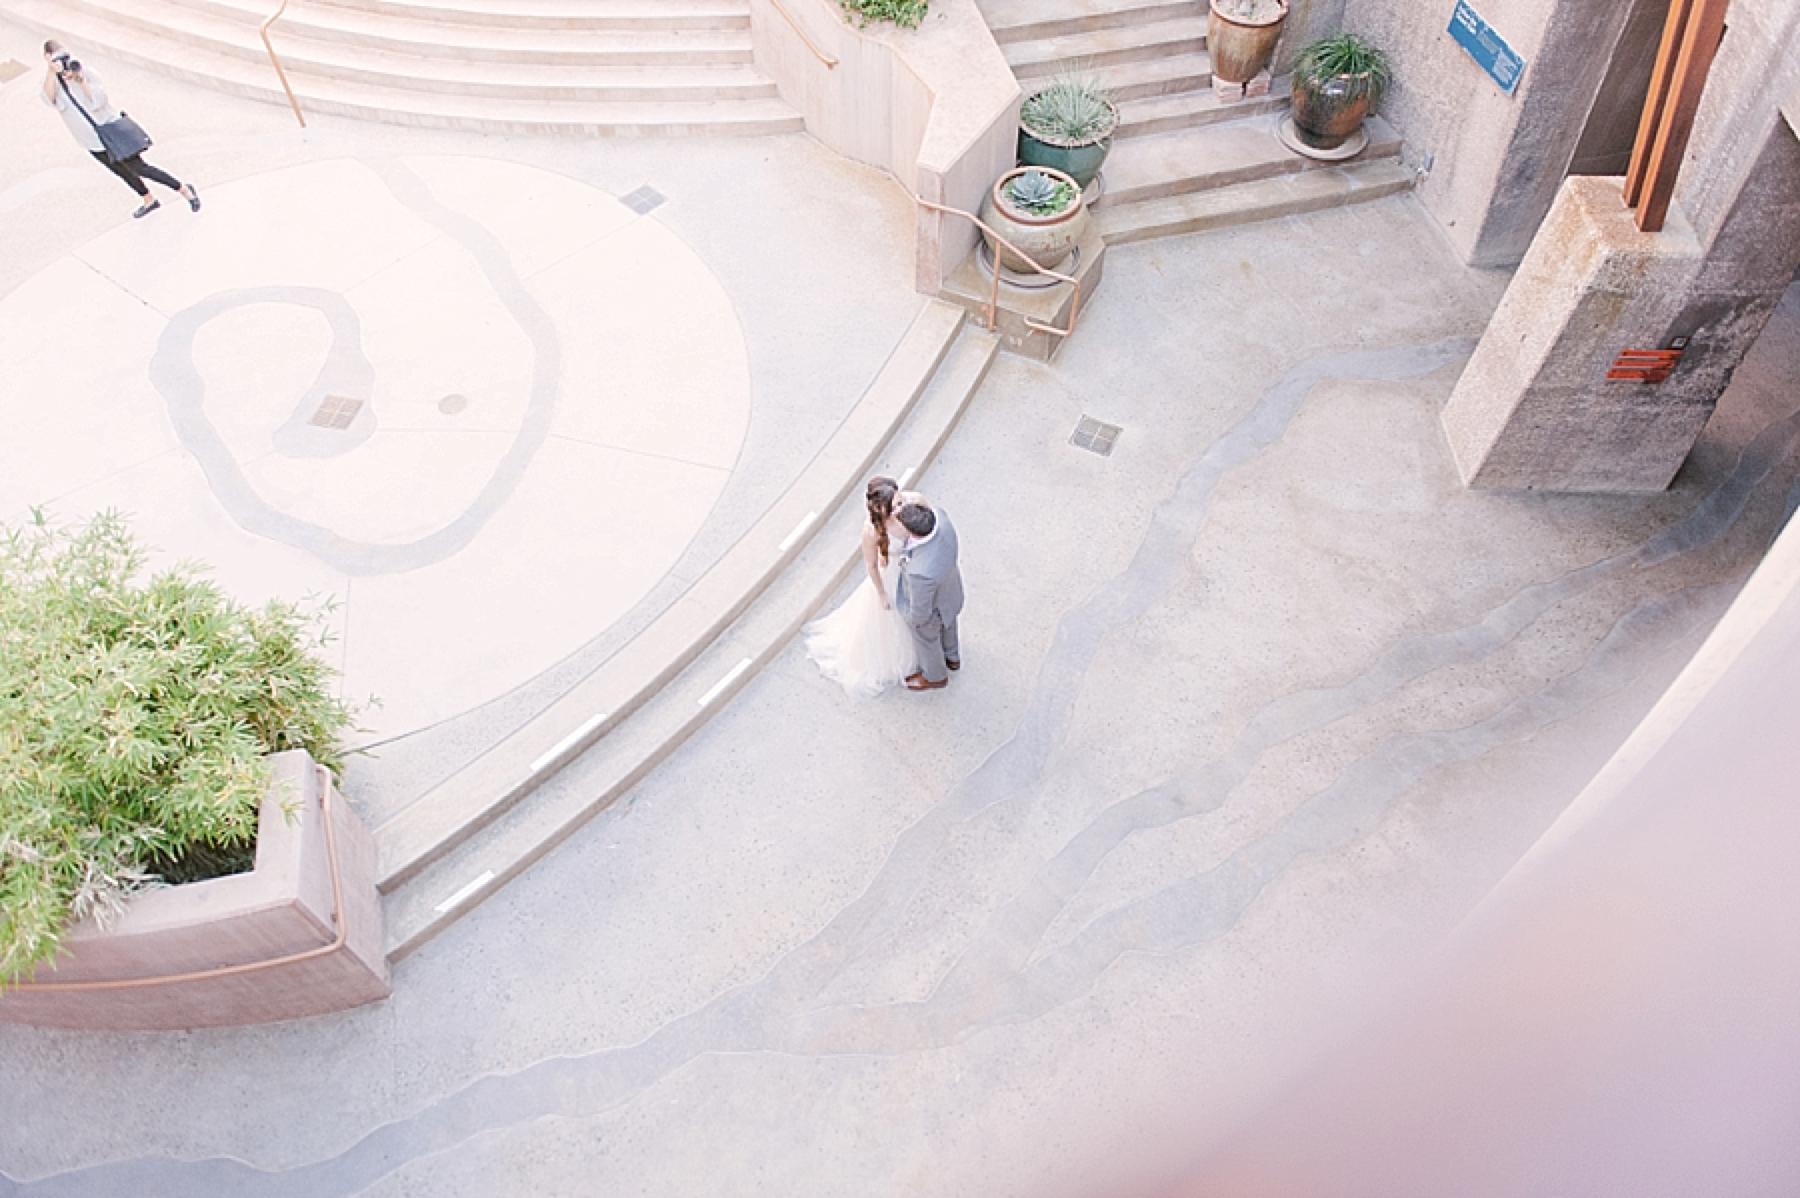 las_vegas_wedding_photographers_behind_the_scenes-04.jpg